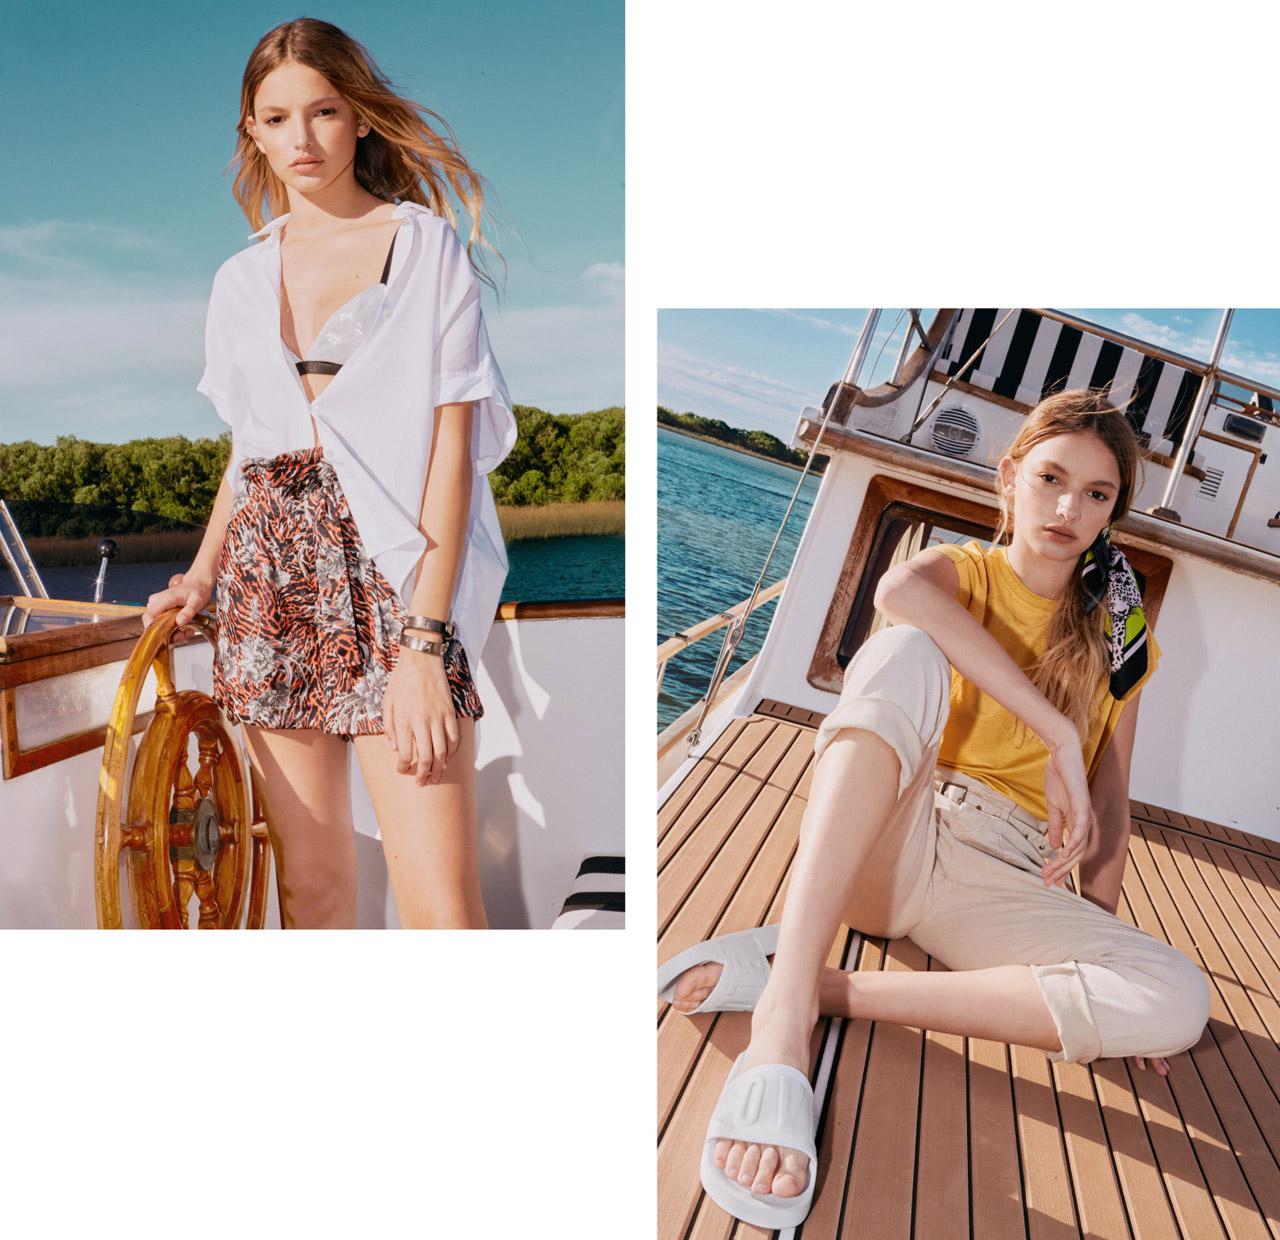 Minifaldas y shorts del verano 2020 de Kosiuko. Moda marcas argentinas verano 2020.